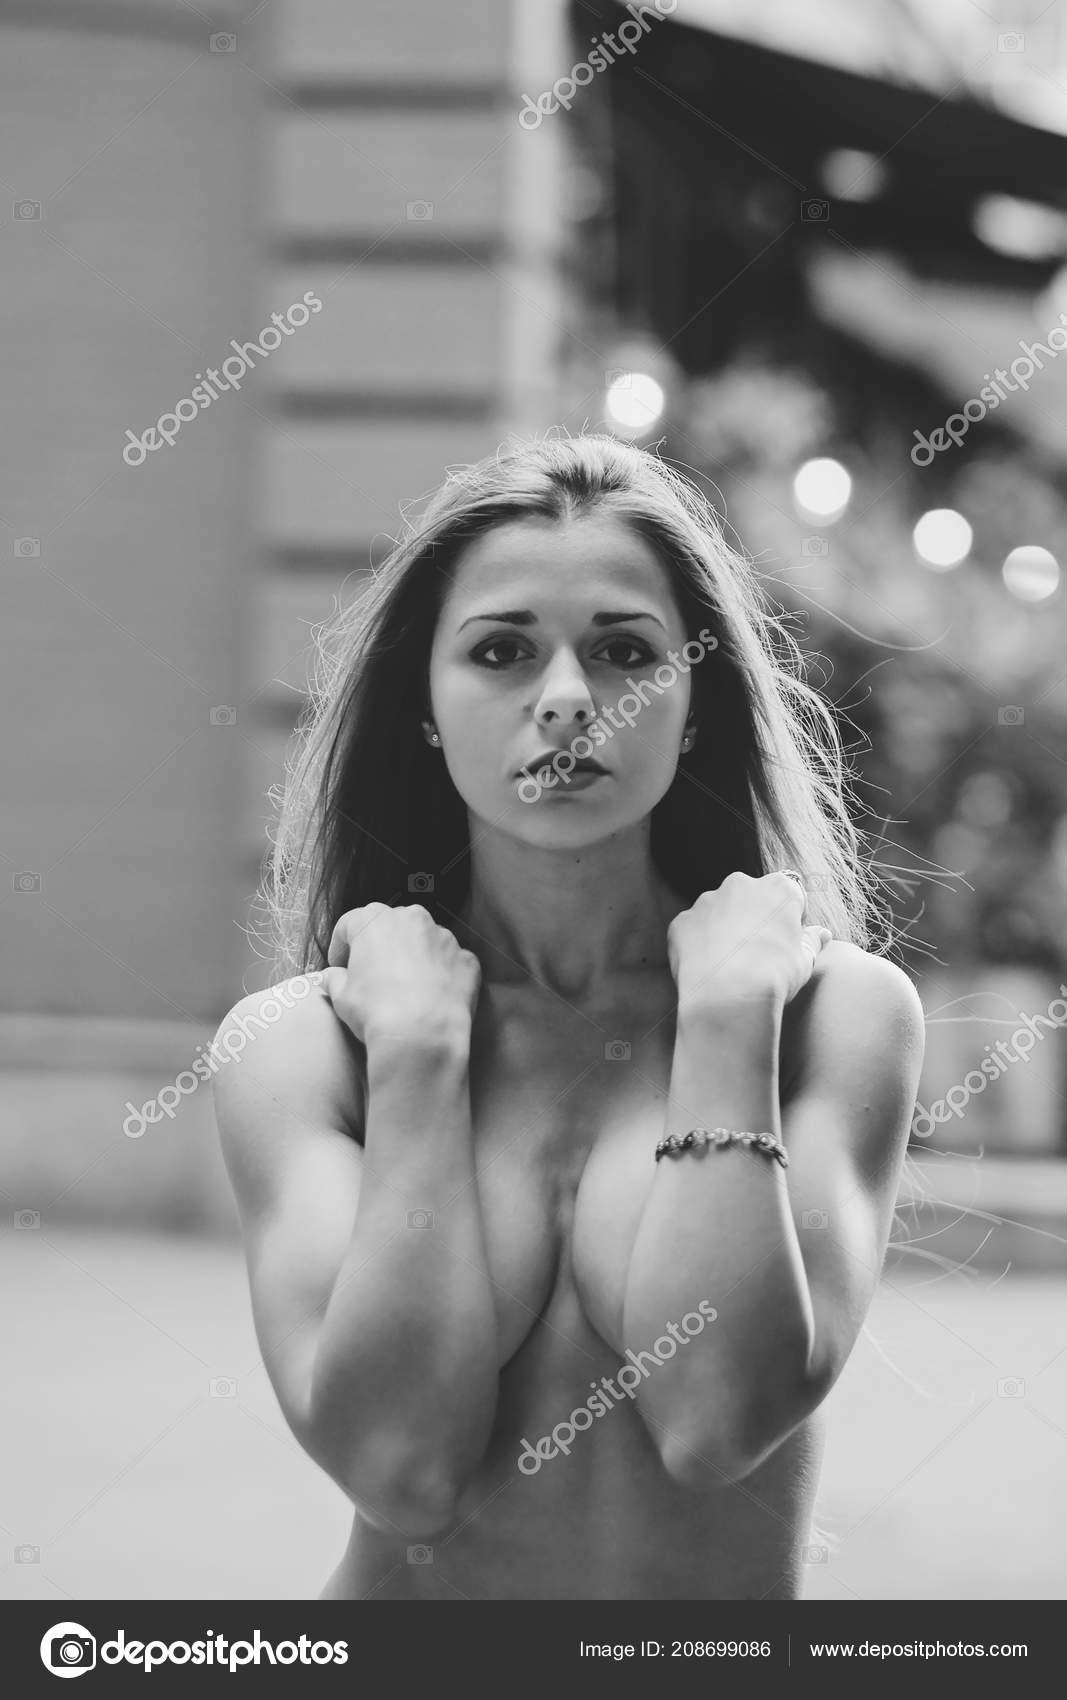 immagini di una ragazze nude